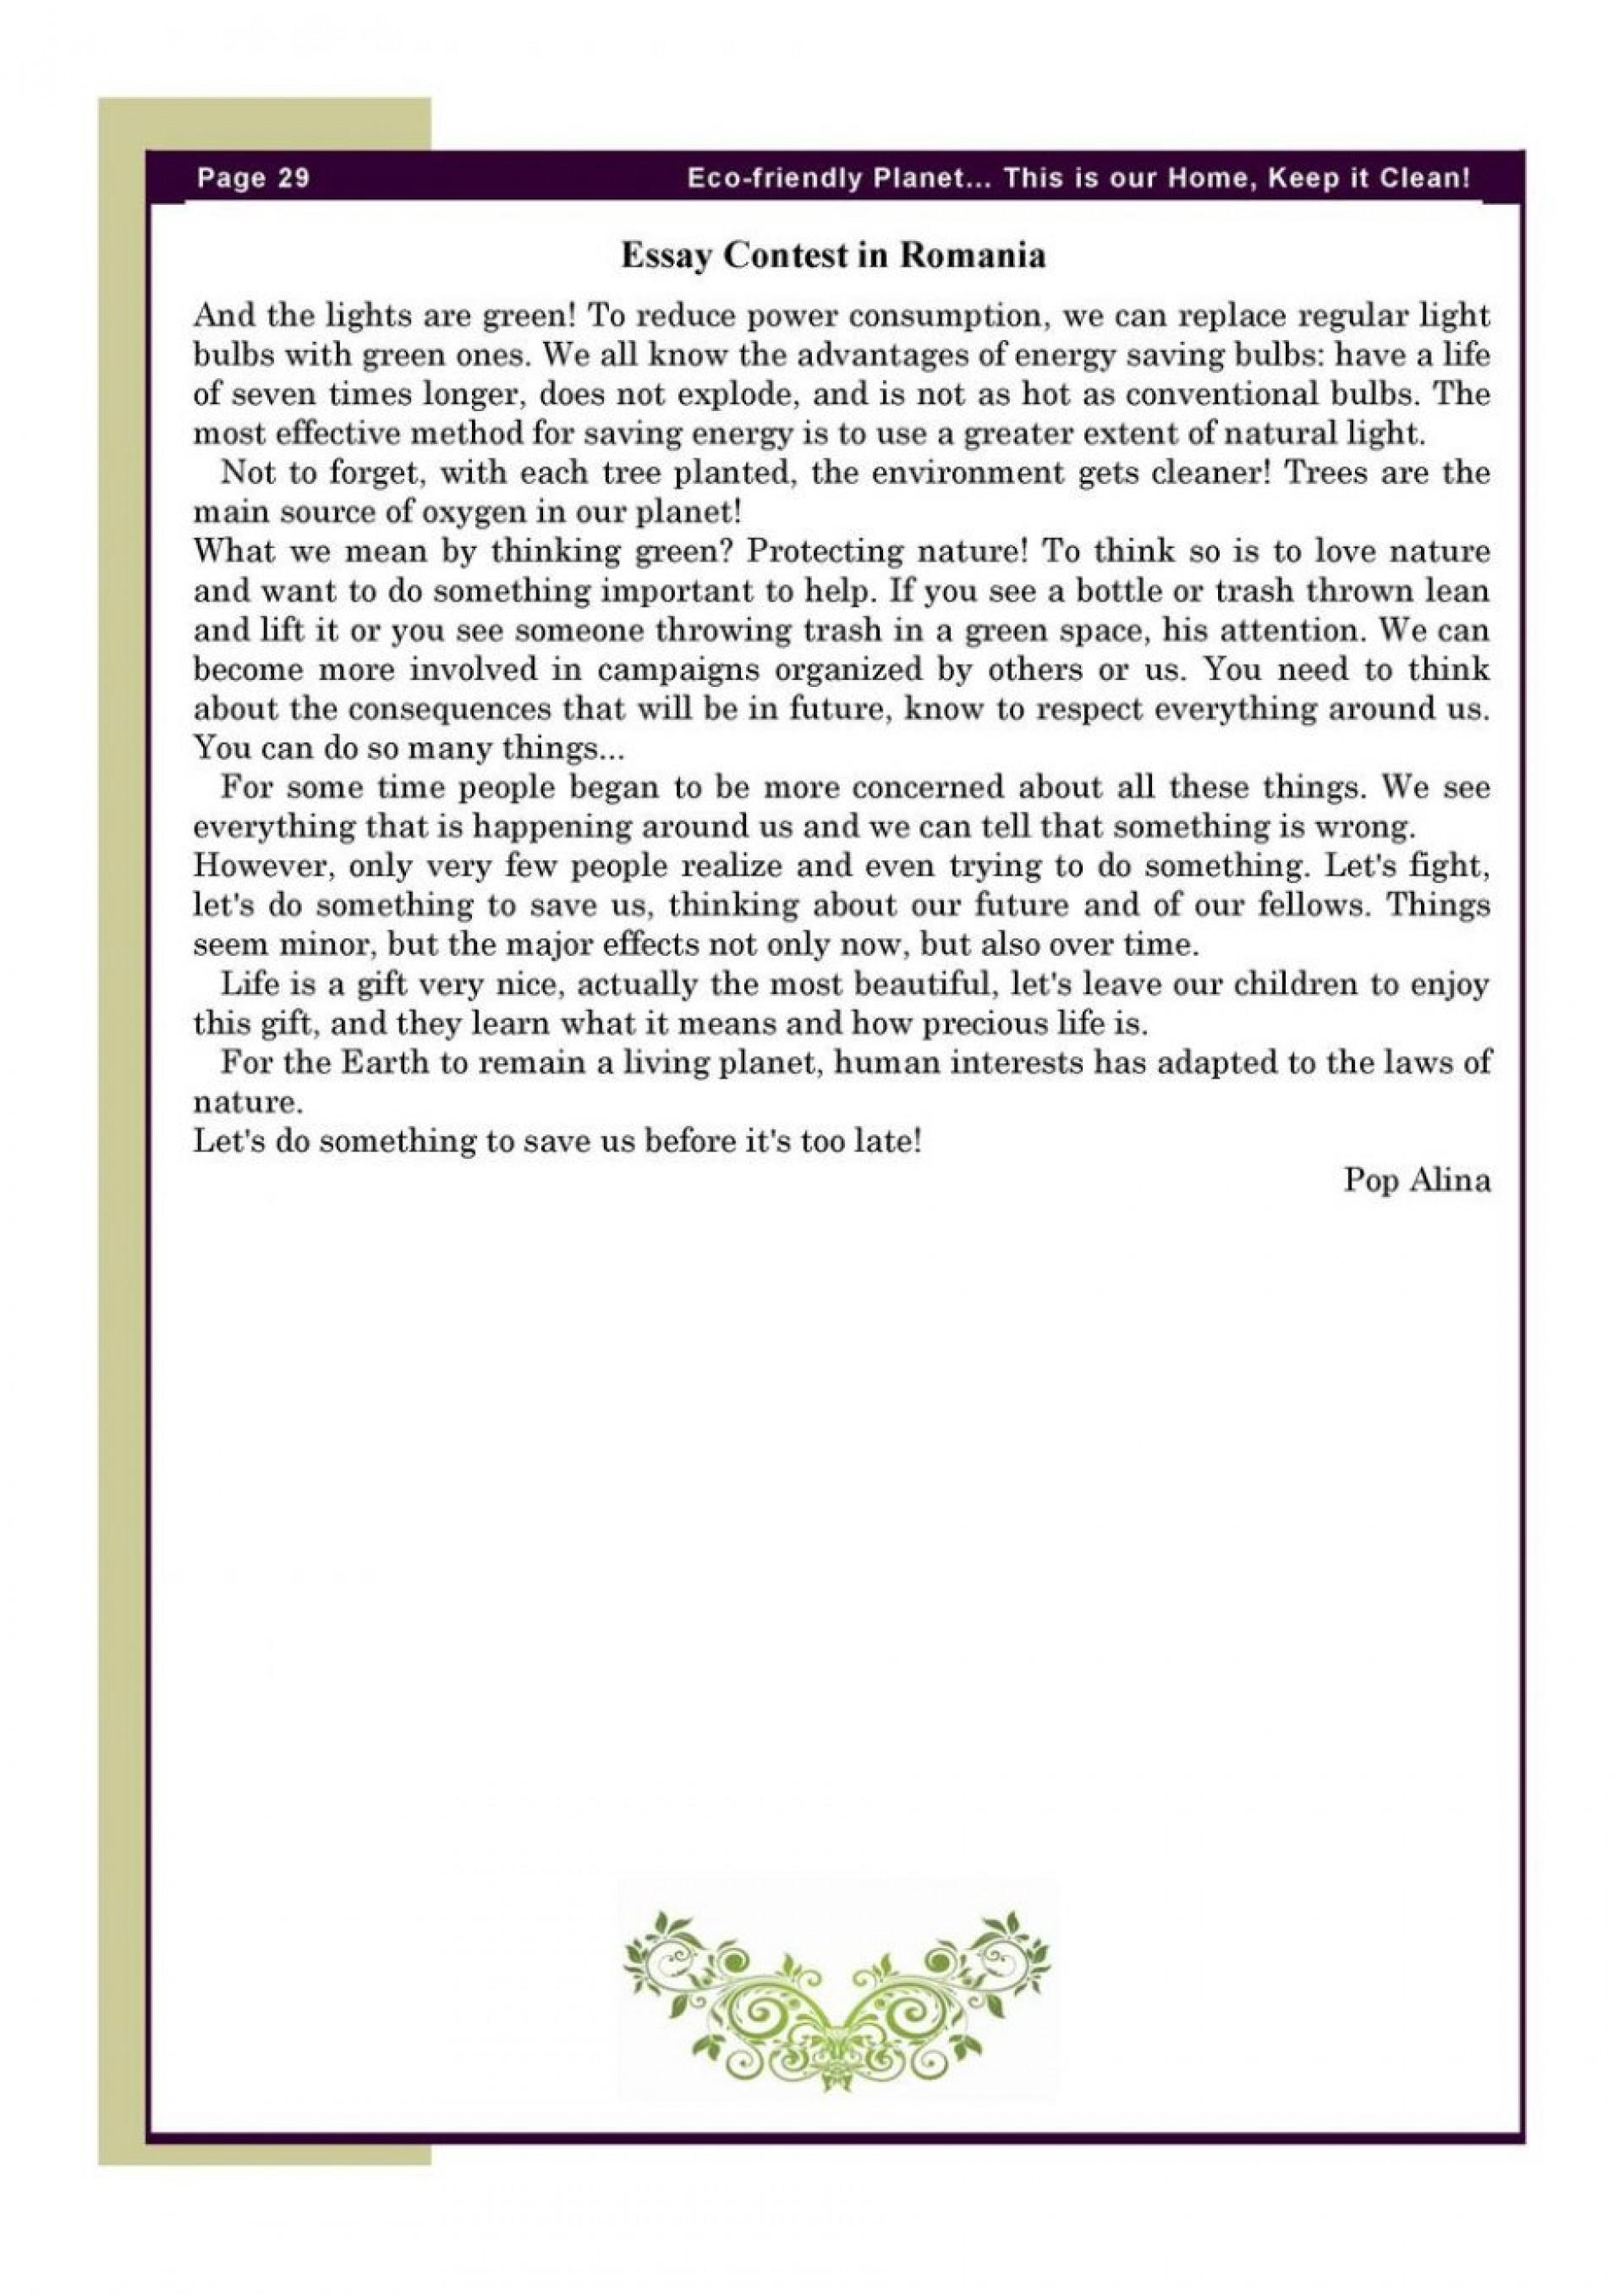 028 Green Earth Essay Jvpo Save Water In Hindi Small On Wikipedia Marathi Language English 936x1323 Awful Life Tamil Gujarati 1920